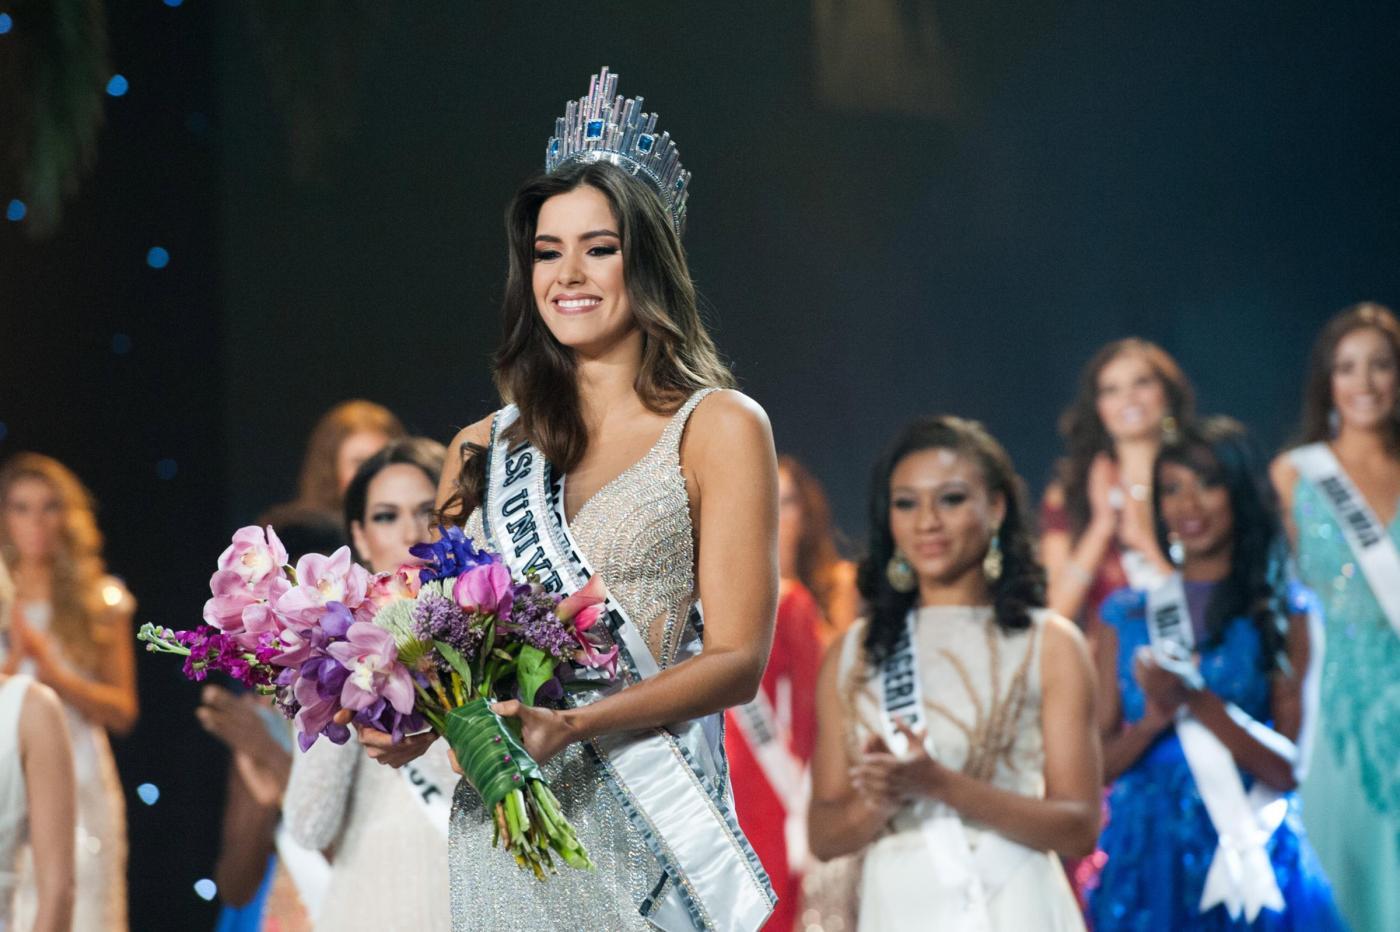 Miss Universo 2015: Paulina Vega conquista la corona